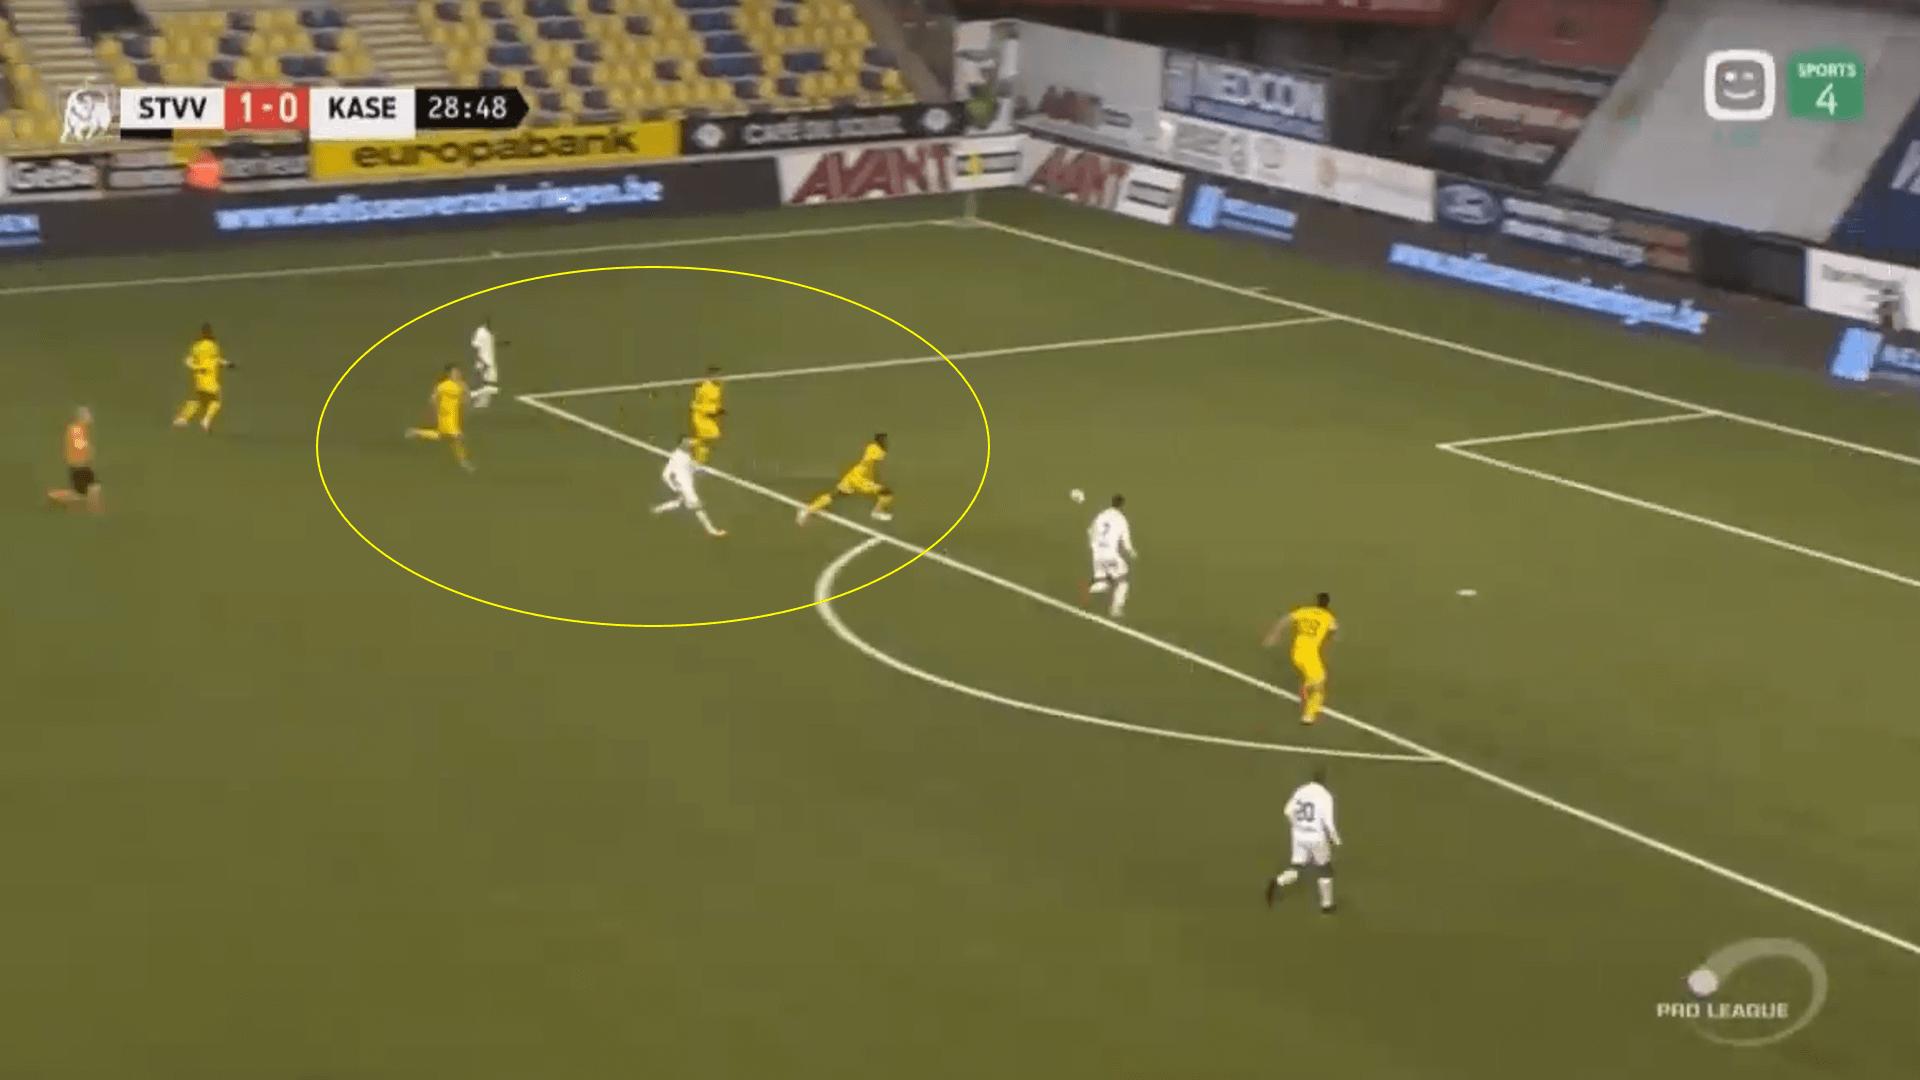 Sint-Truiden 2019/20 - tactical analysis tactics